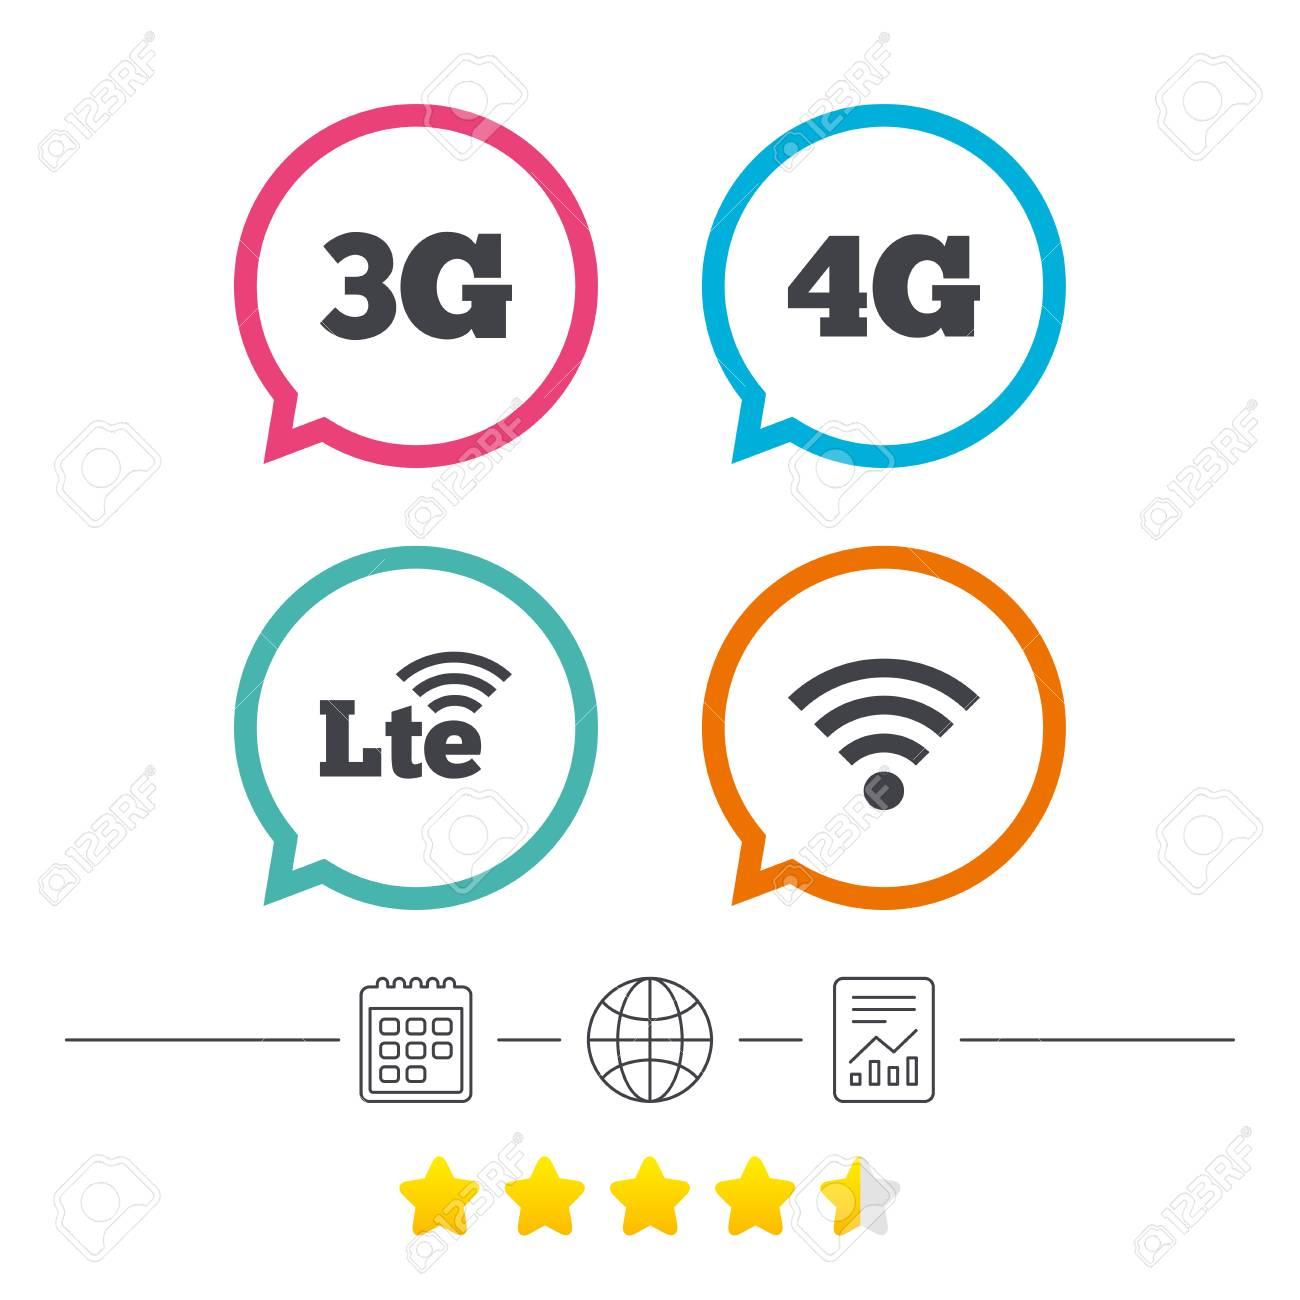 Iconos De Telecomunicaciones Móviles. 3G, 4G LTE Y Tecnología ...